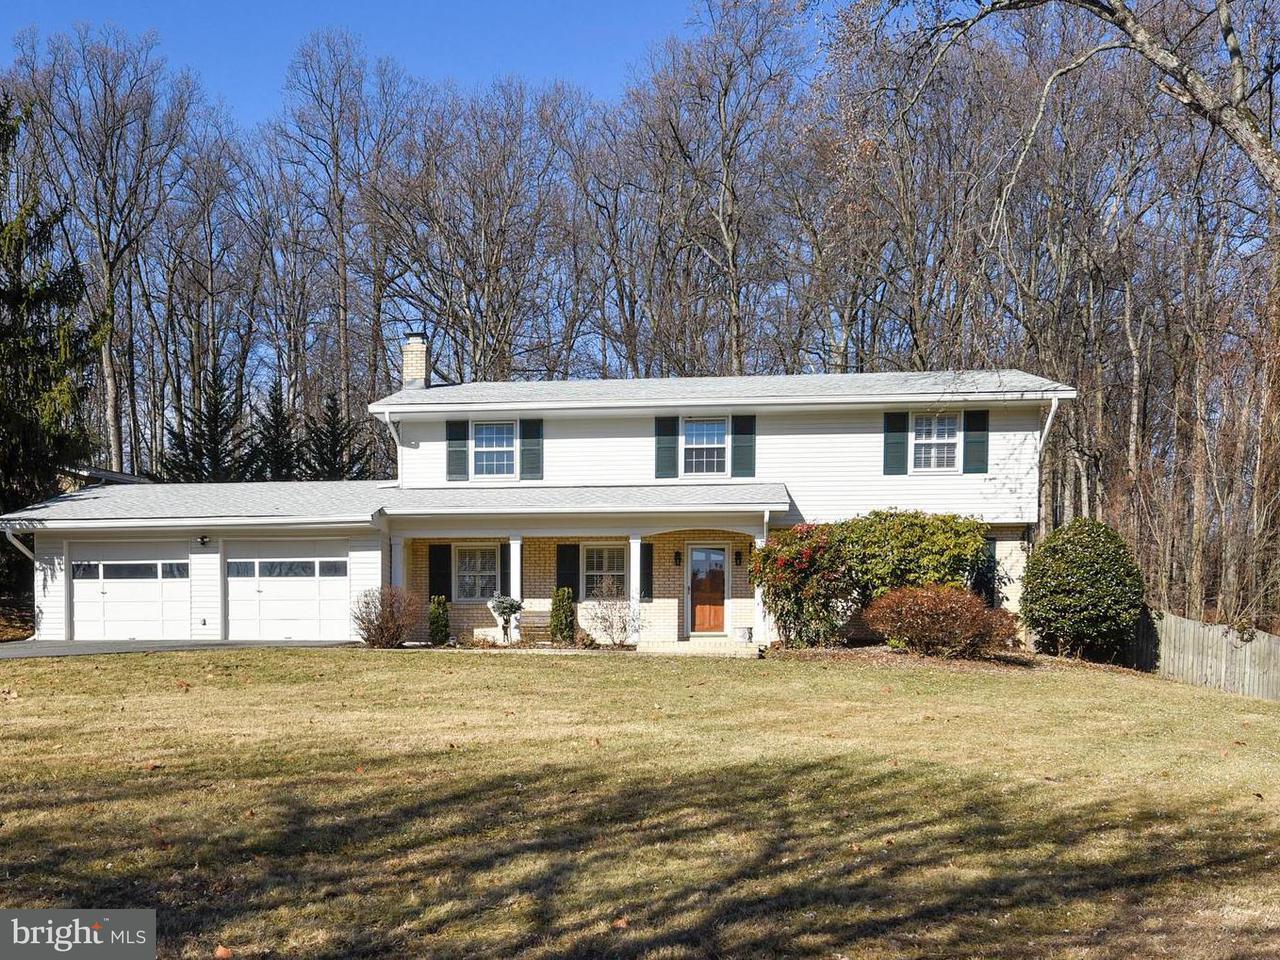 独户住宅 为 销售 在 5601 Granby Road 5601 Granby Road Derwood, 马里兰州 20855 美国